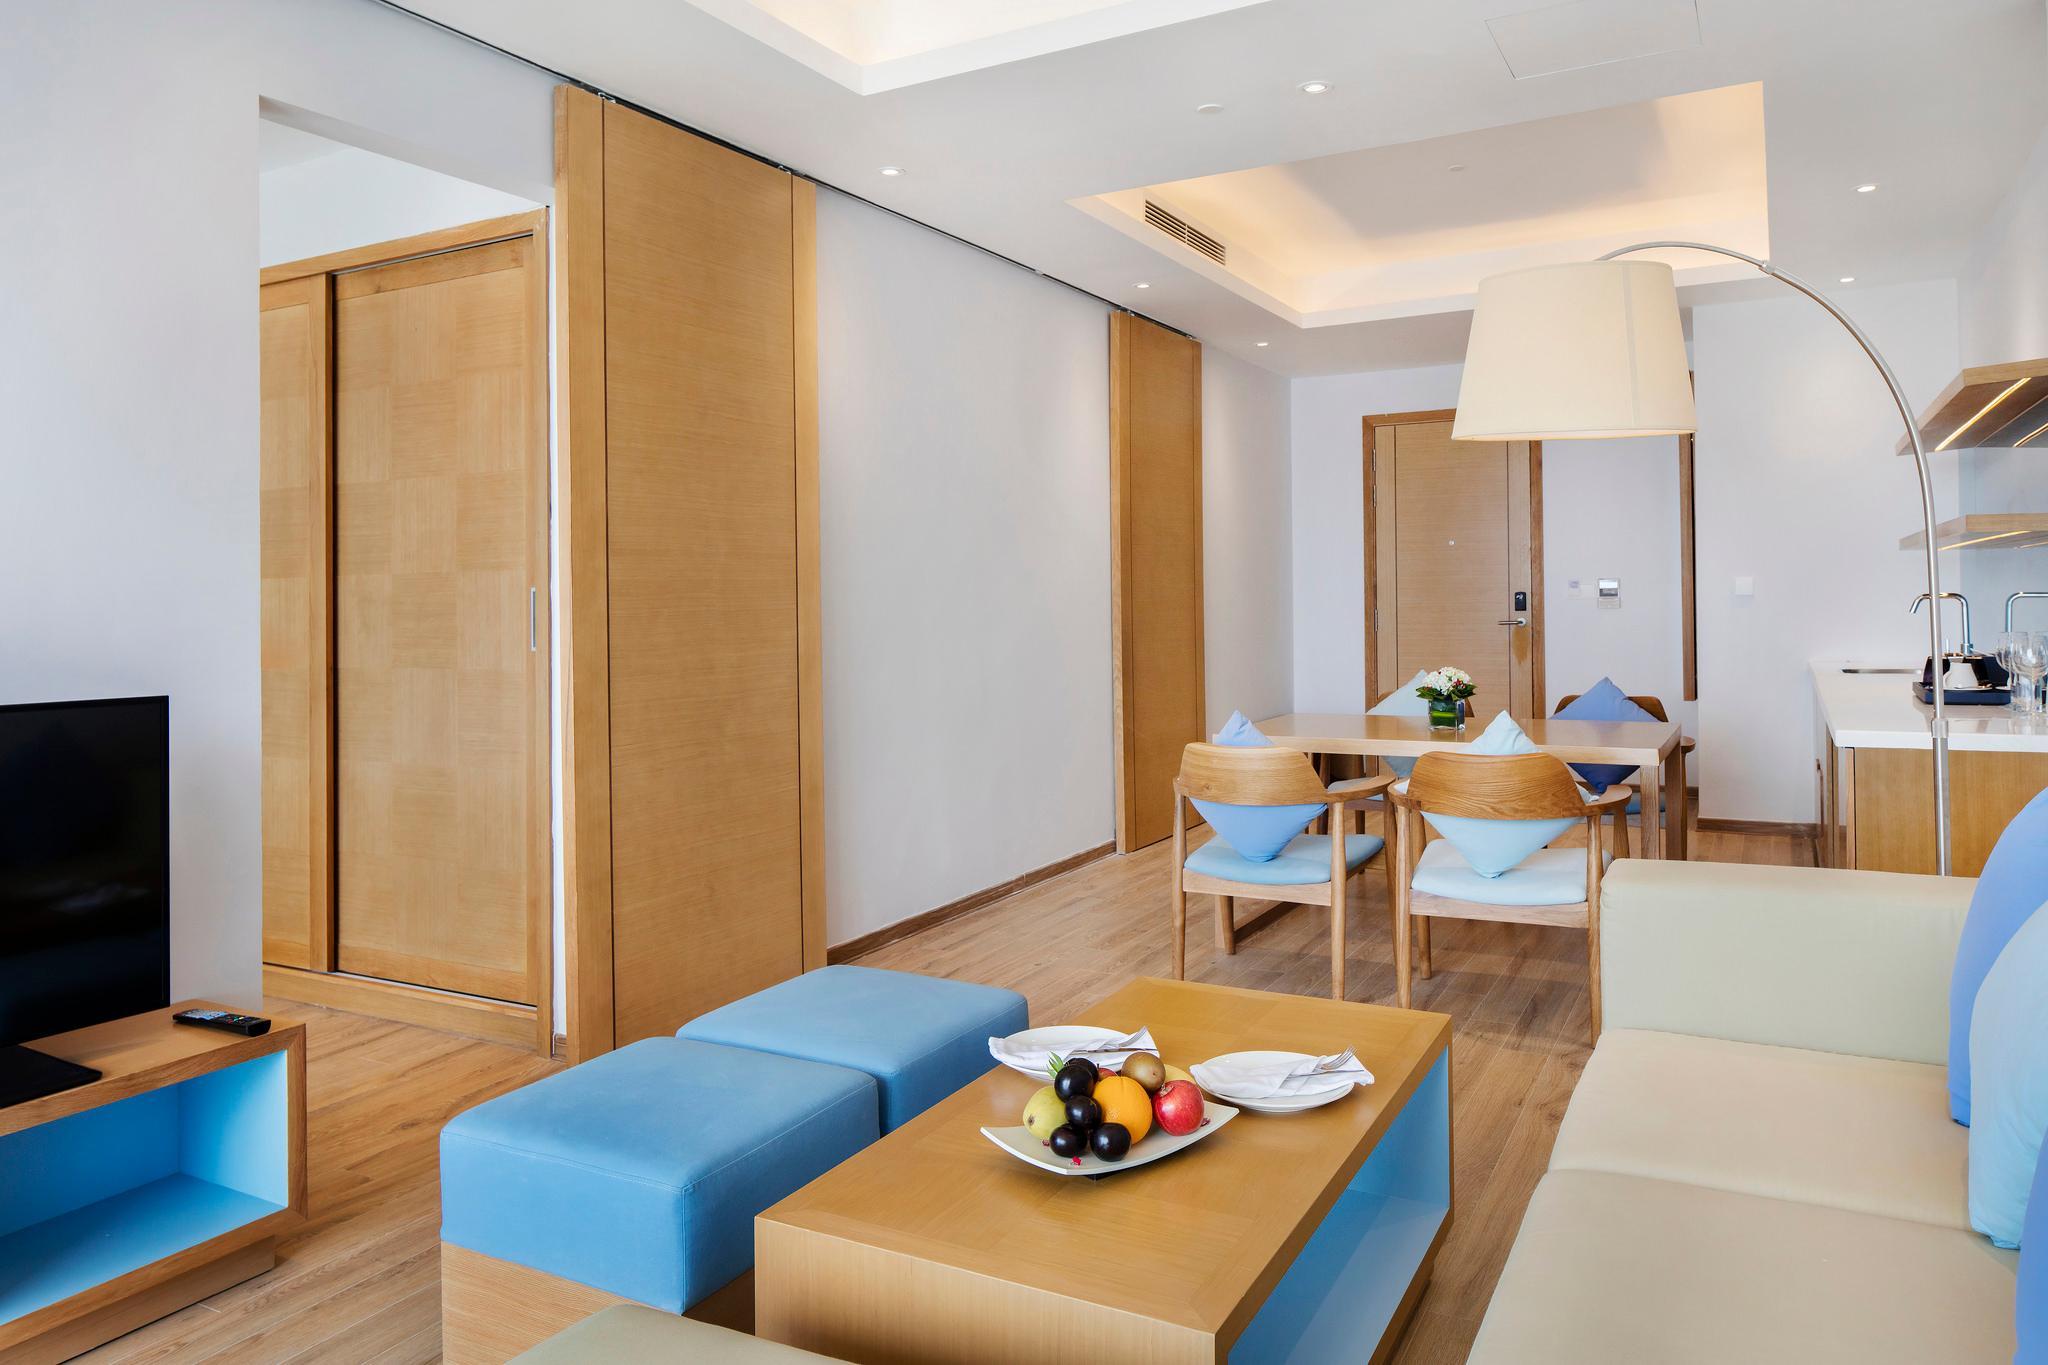 FLC Luxury Hotel Quy Nhơn   Quy Nhơn (Bình Định) ƯU ĐÃI CẬP NHẬT NĂM 2020  1407245 ₫, Ảnh HD & Nhận Xét